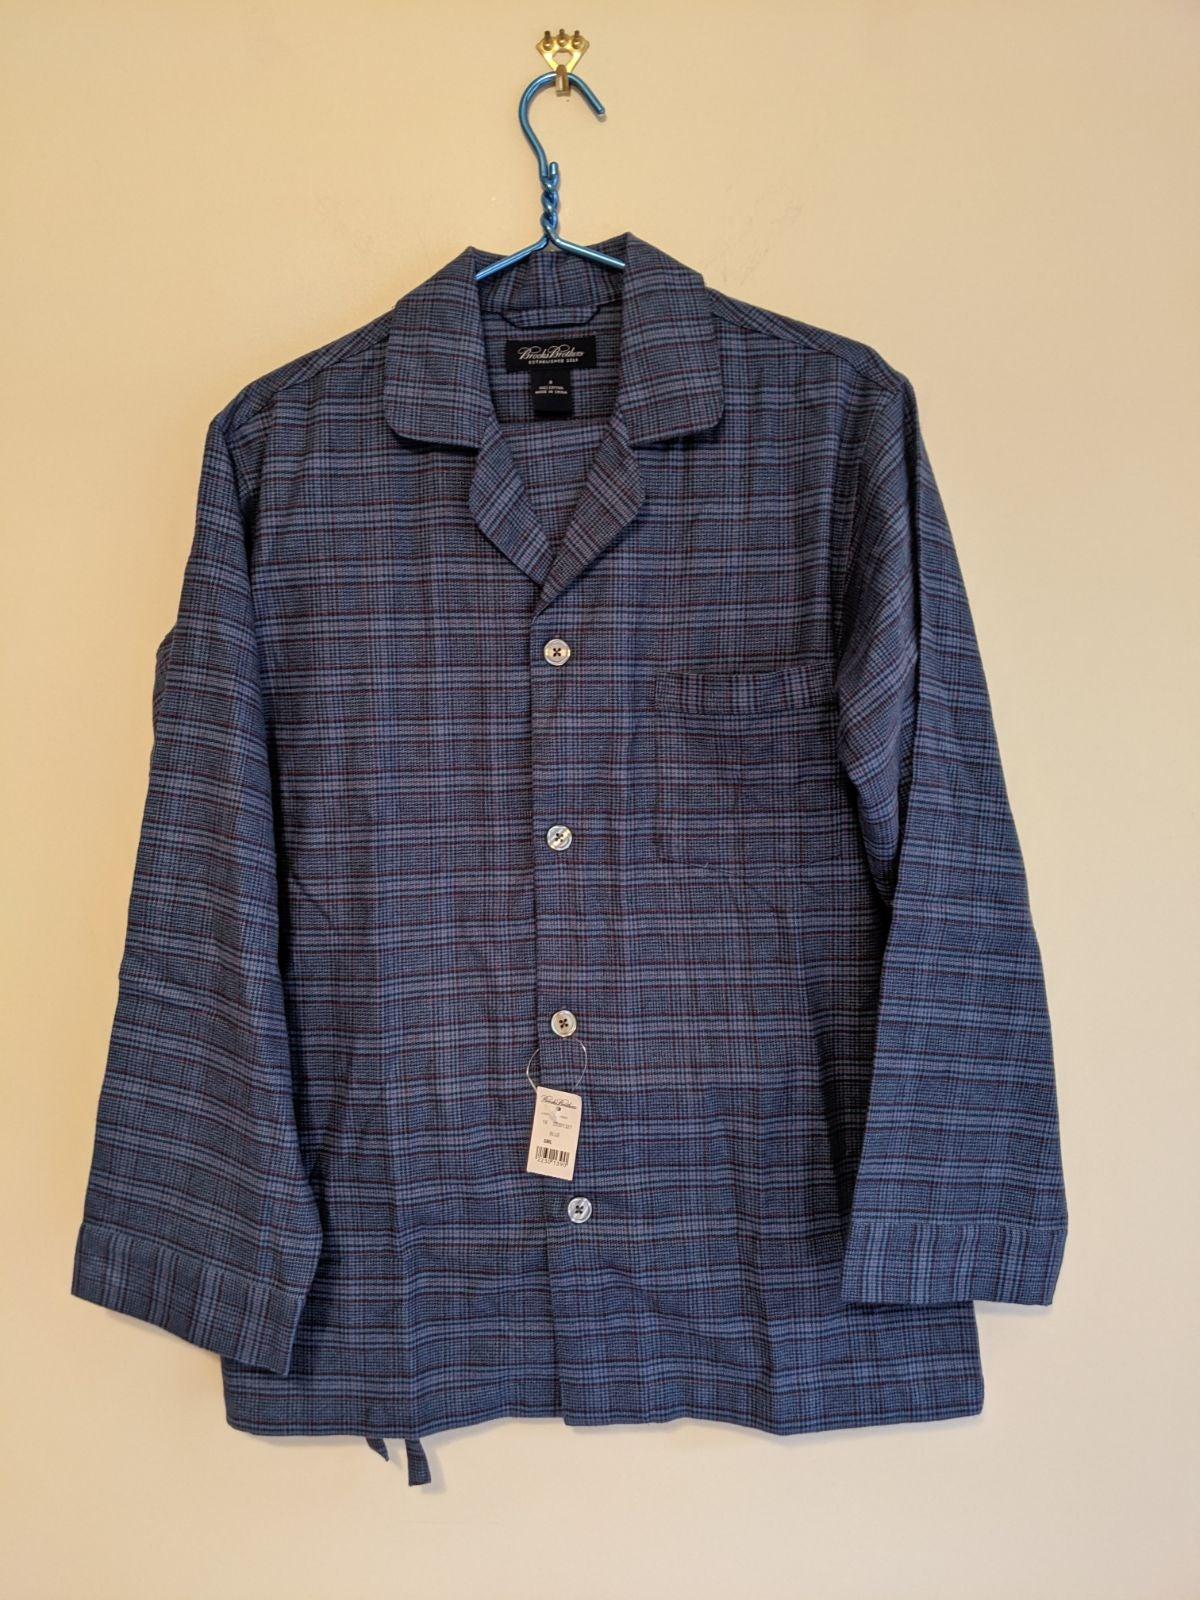 Brooks brothers men's pajamas